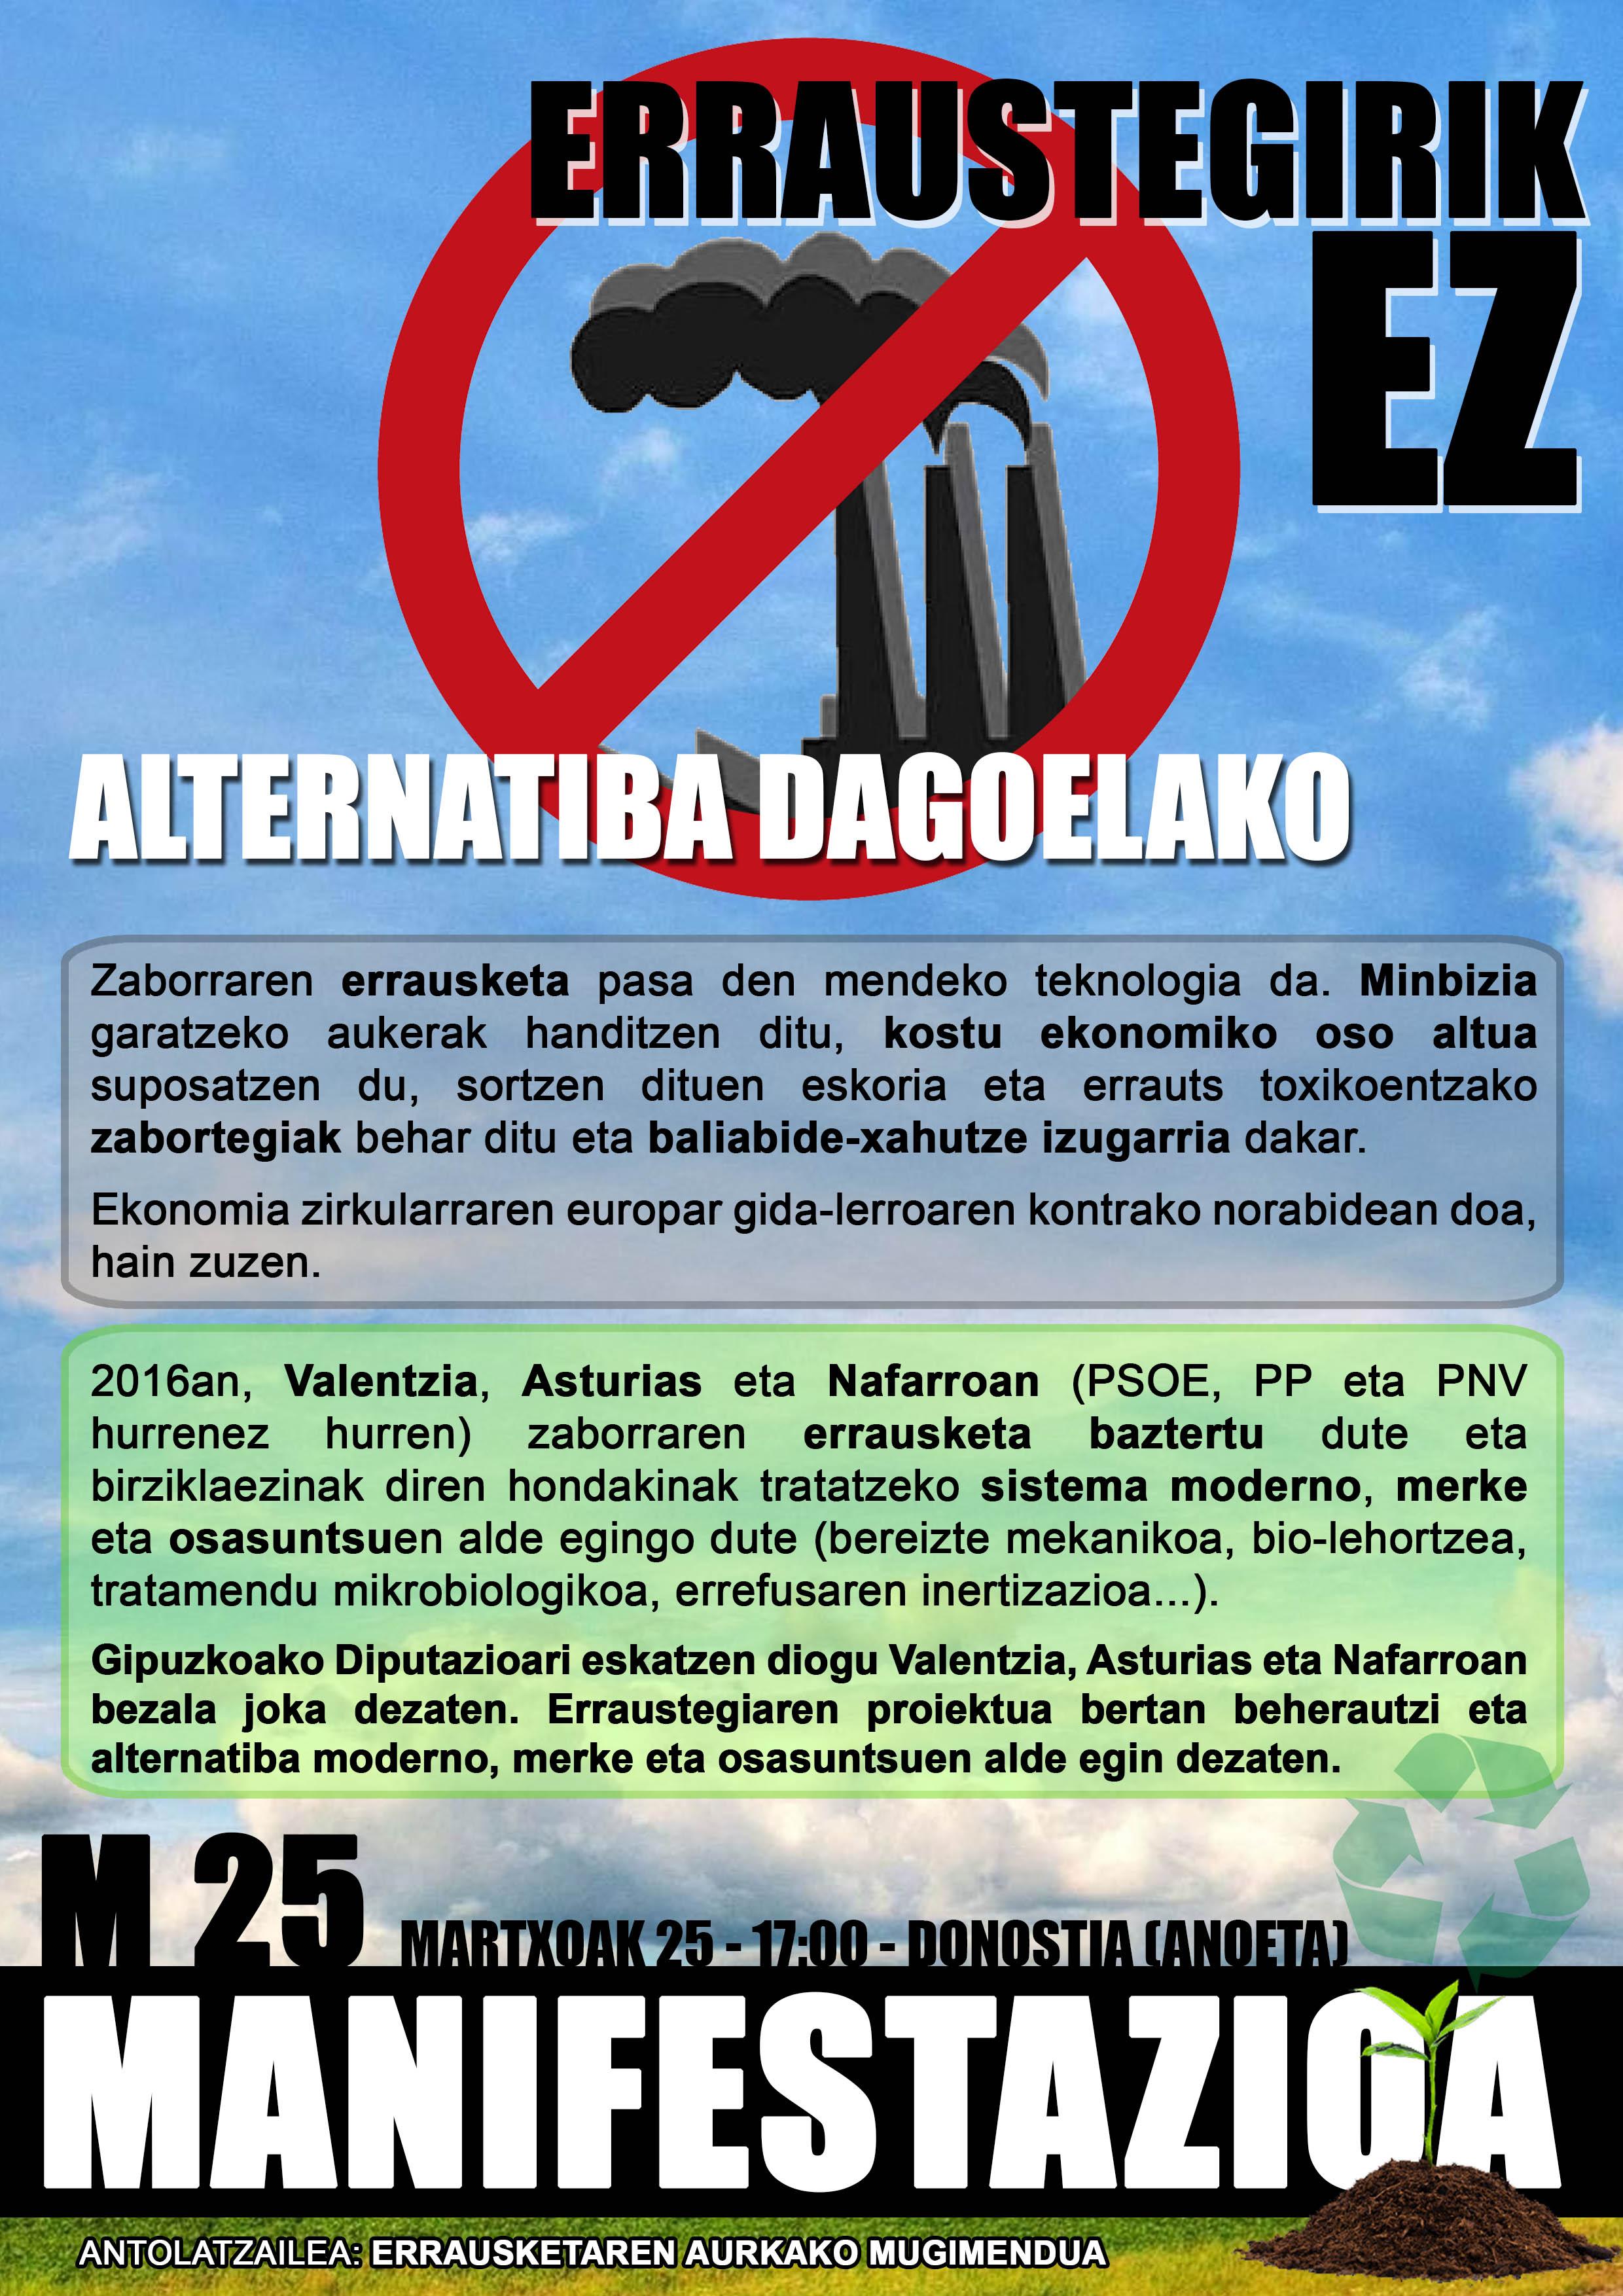 Gaur  arratsaldean  Anoetako  estadiotik  hasiko  den  manifestazioan  parte  hartzeko  deia:  Alternatiba  dagoelako  erraustegirik  ez!